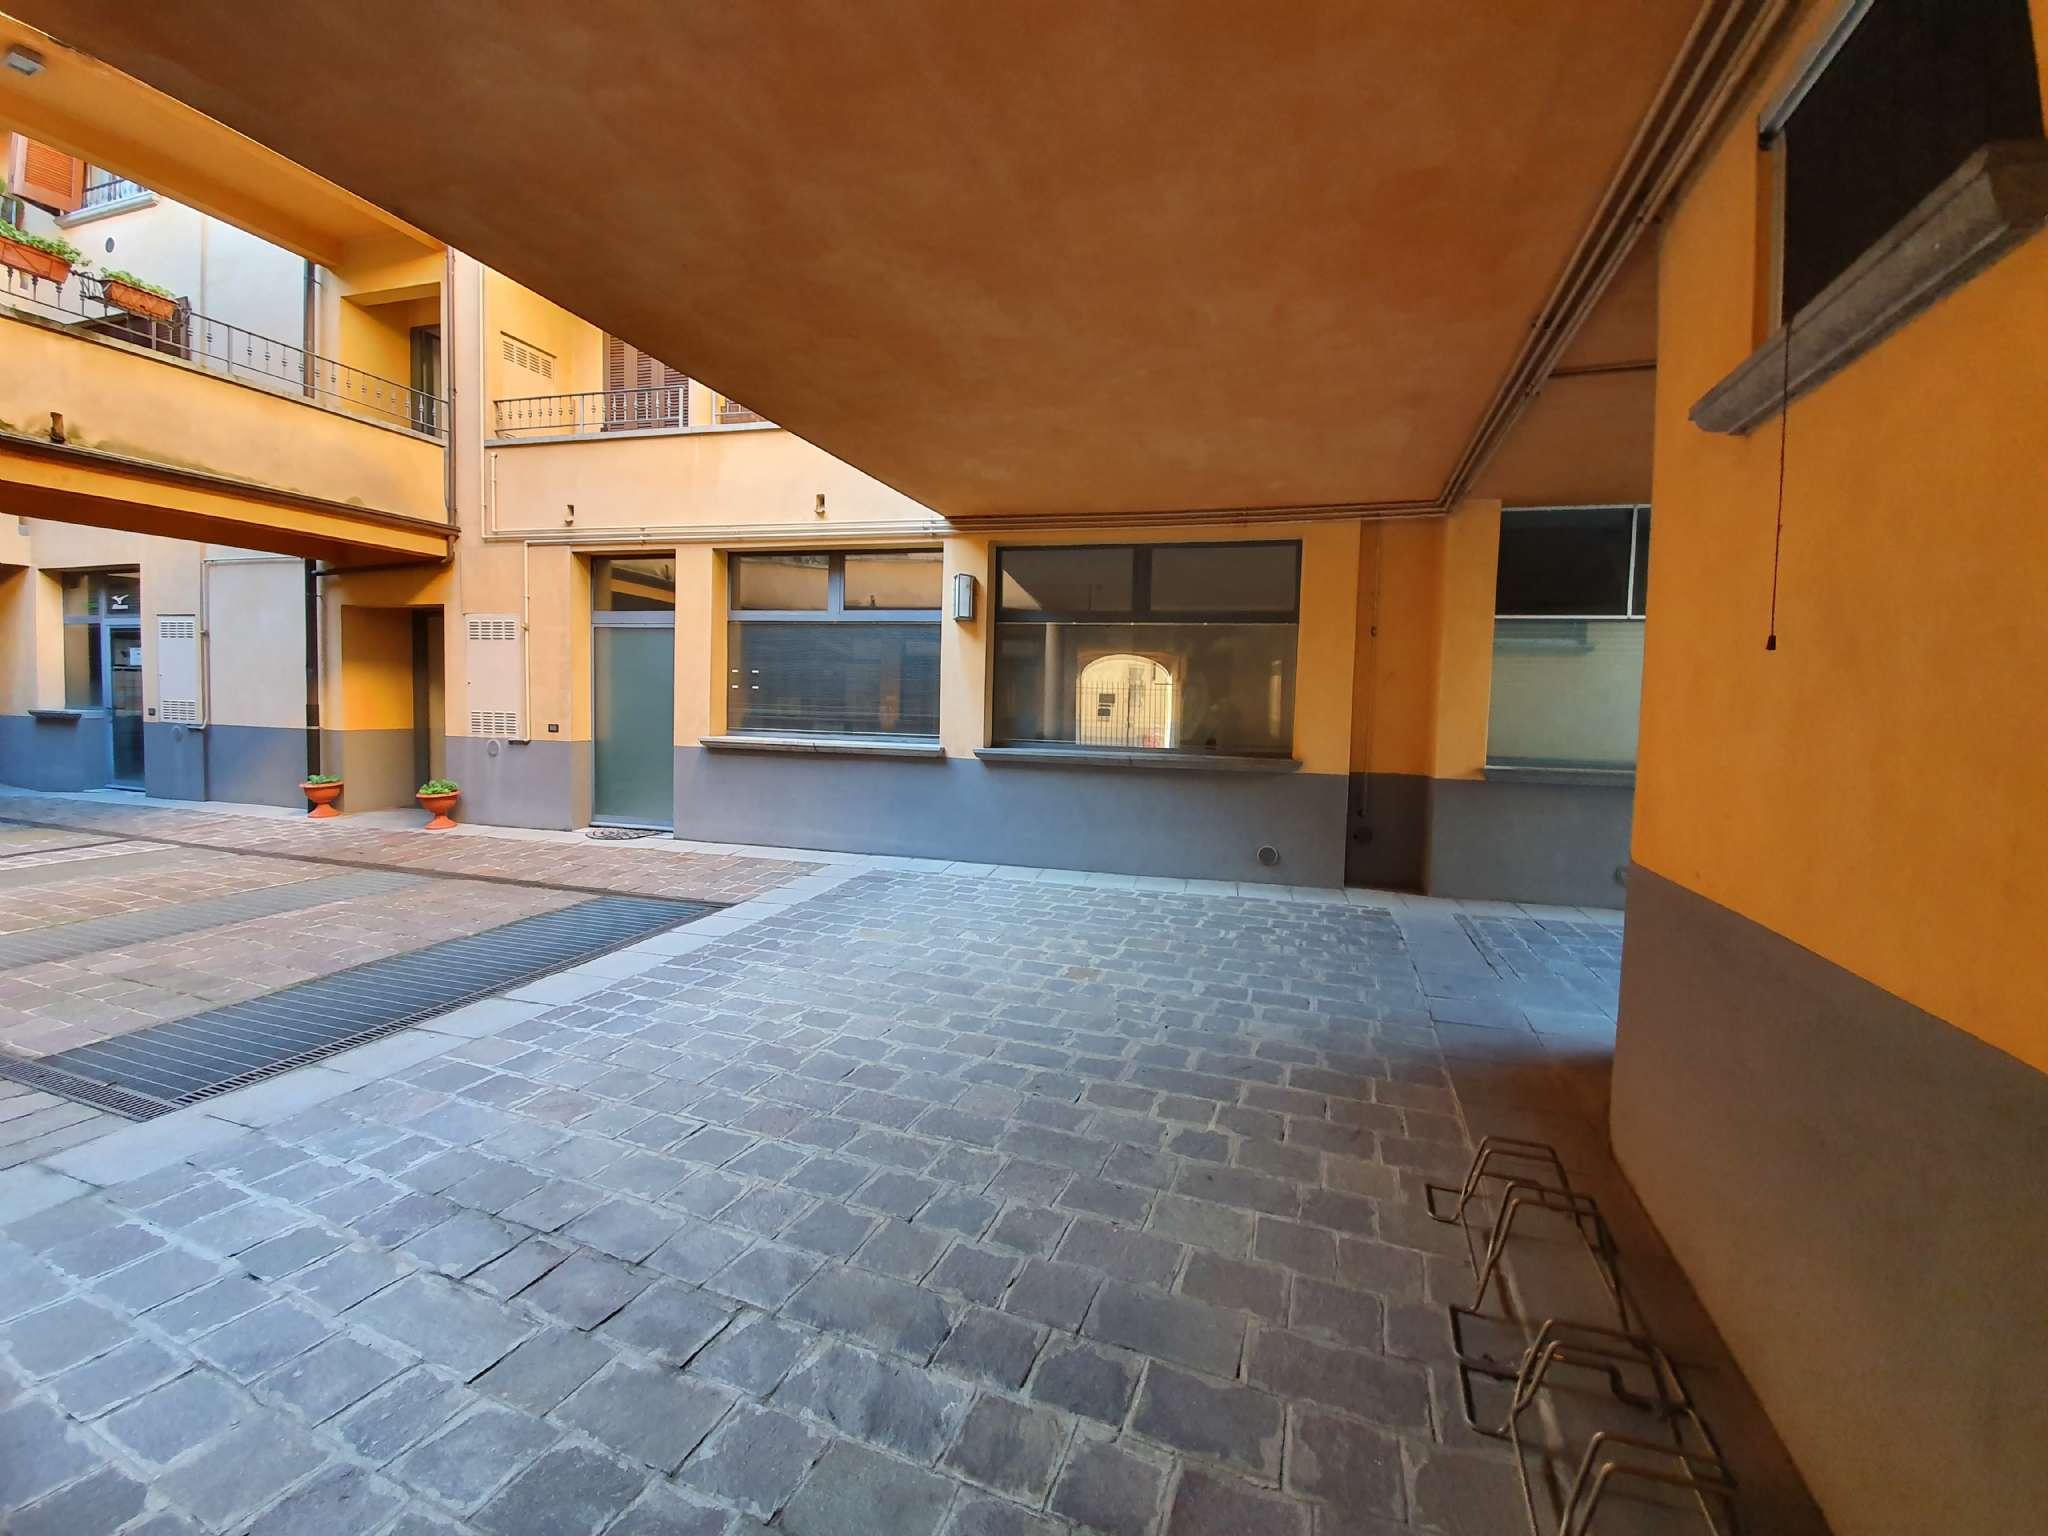 Ufficio / Studio in vendita a Villa d'Almè, 1 locali, prezzo € 54.000 | PortaleAgenzieImmobiliari.it